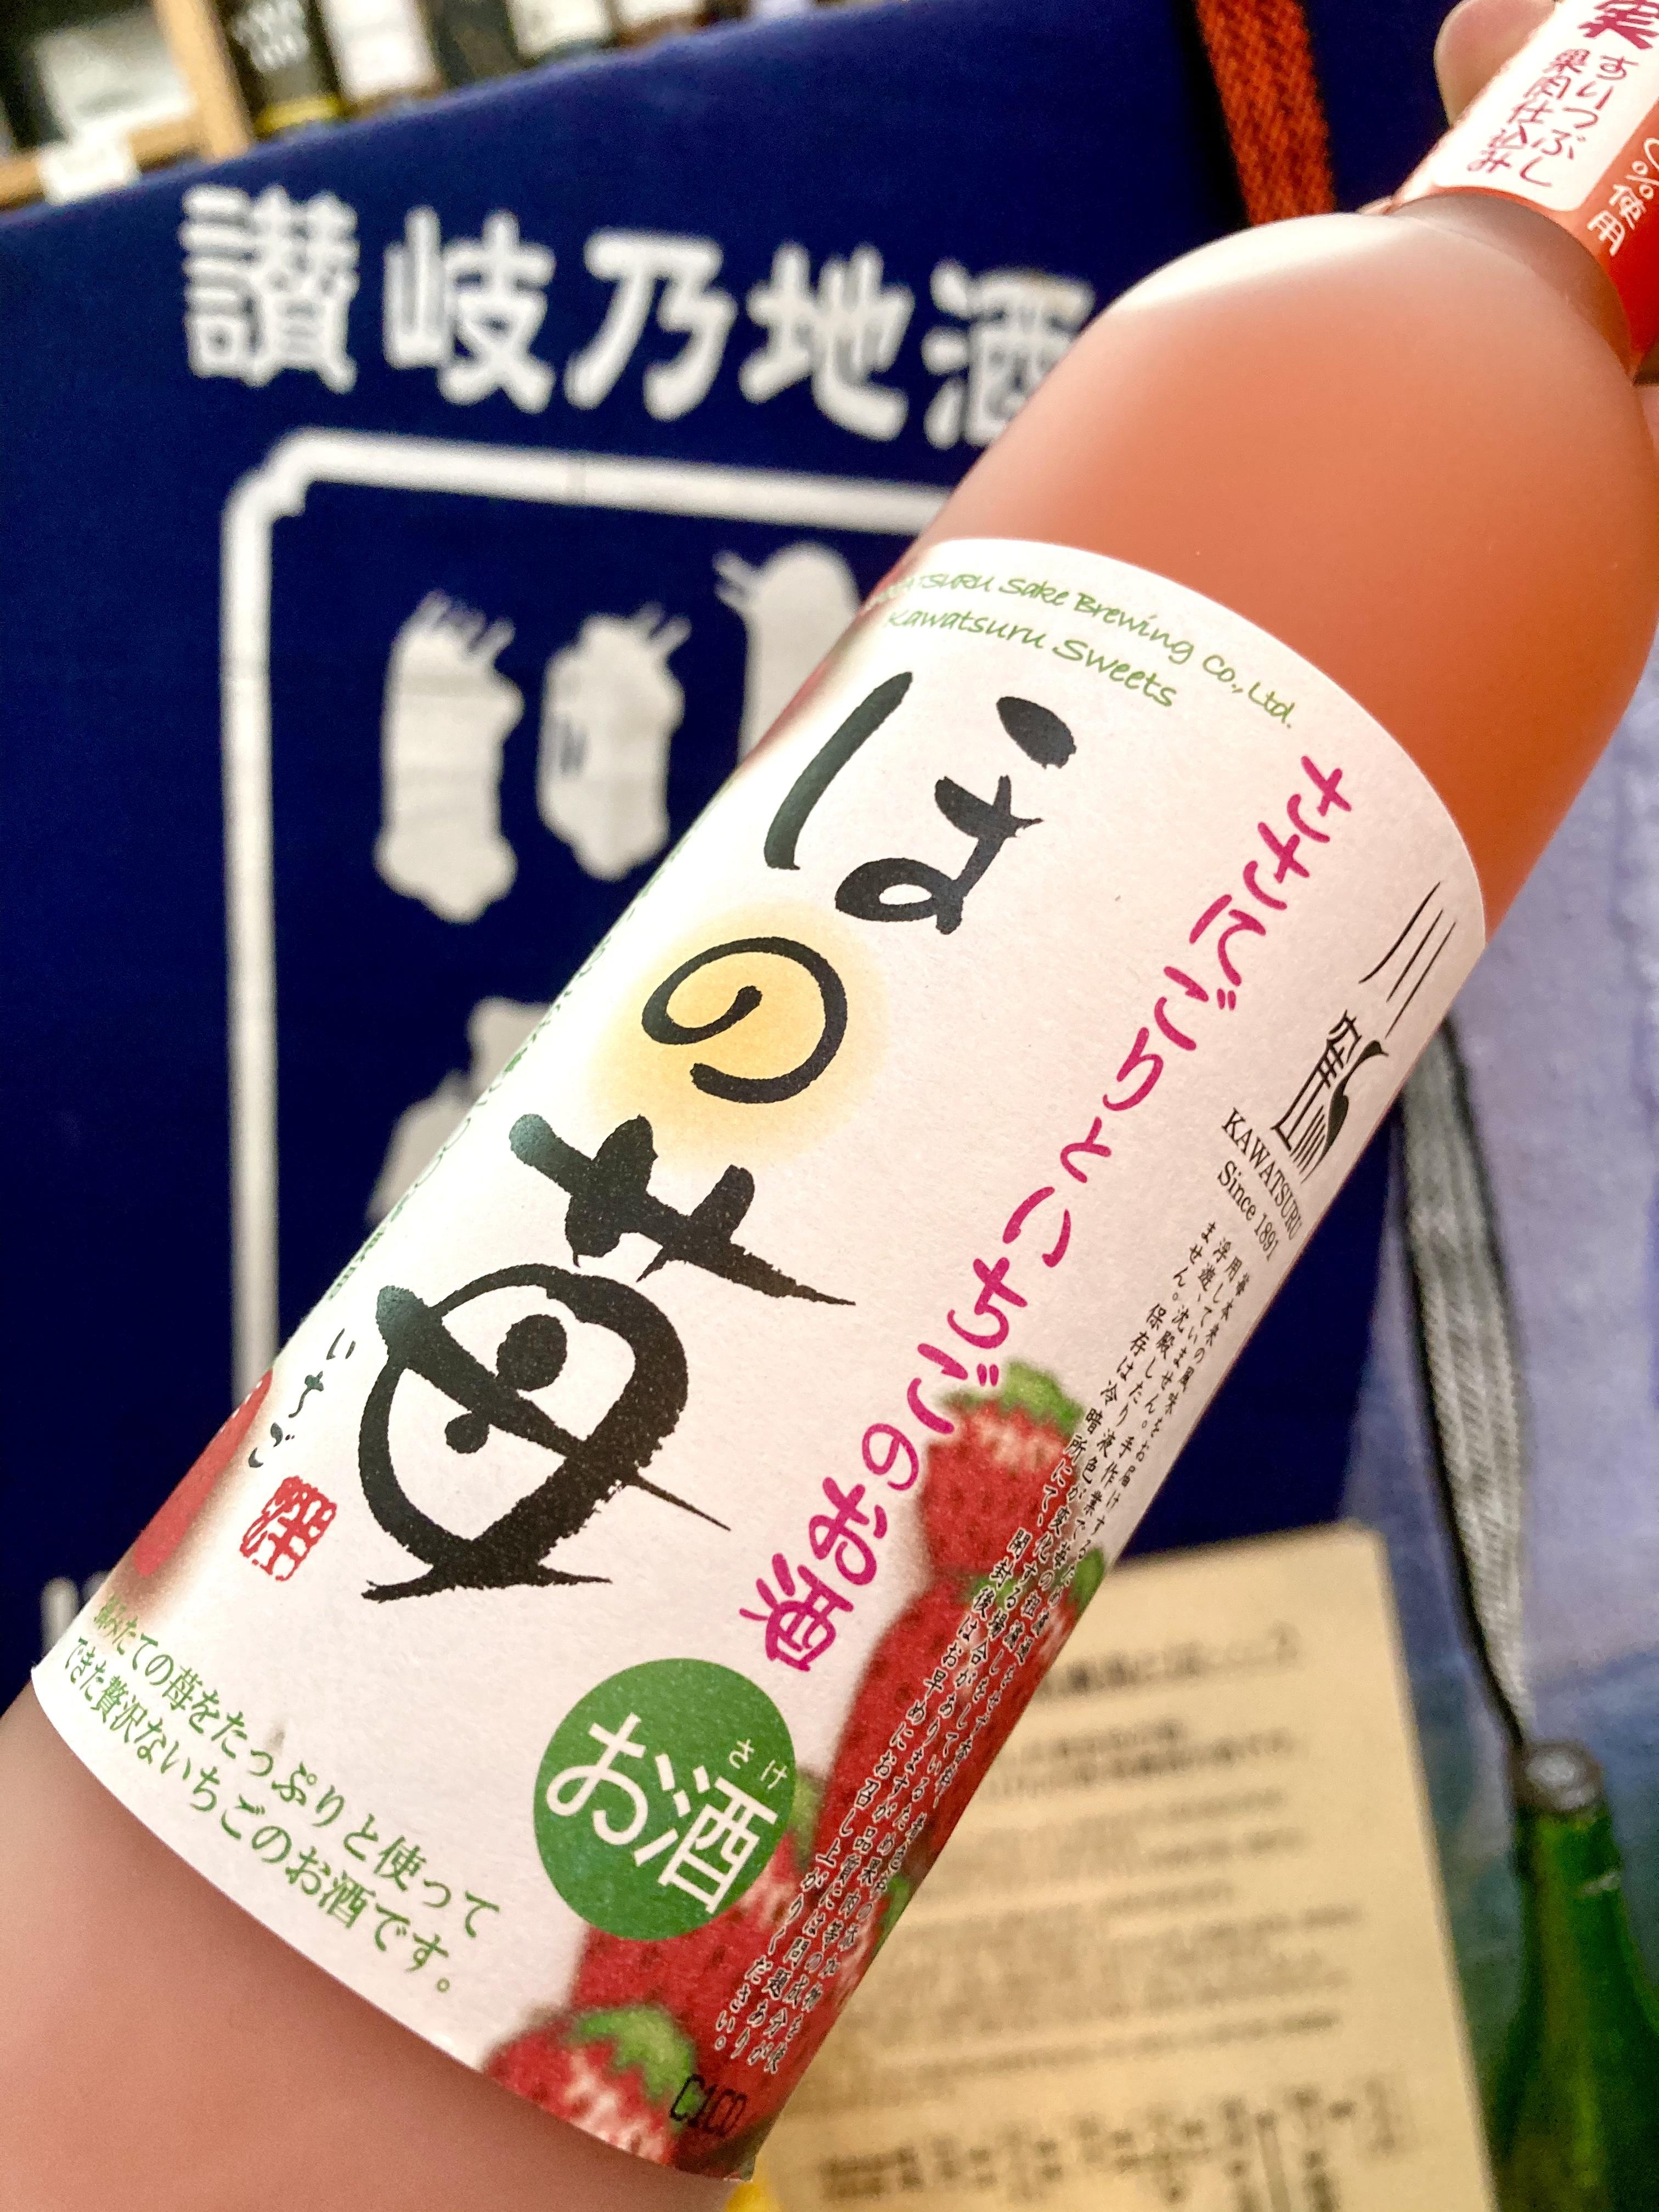 """""""讃岐の旬鮮果実のお酒"""" 『川鶴 ささにごり〈ほの苺〉』"""